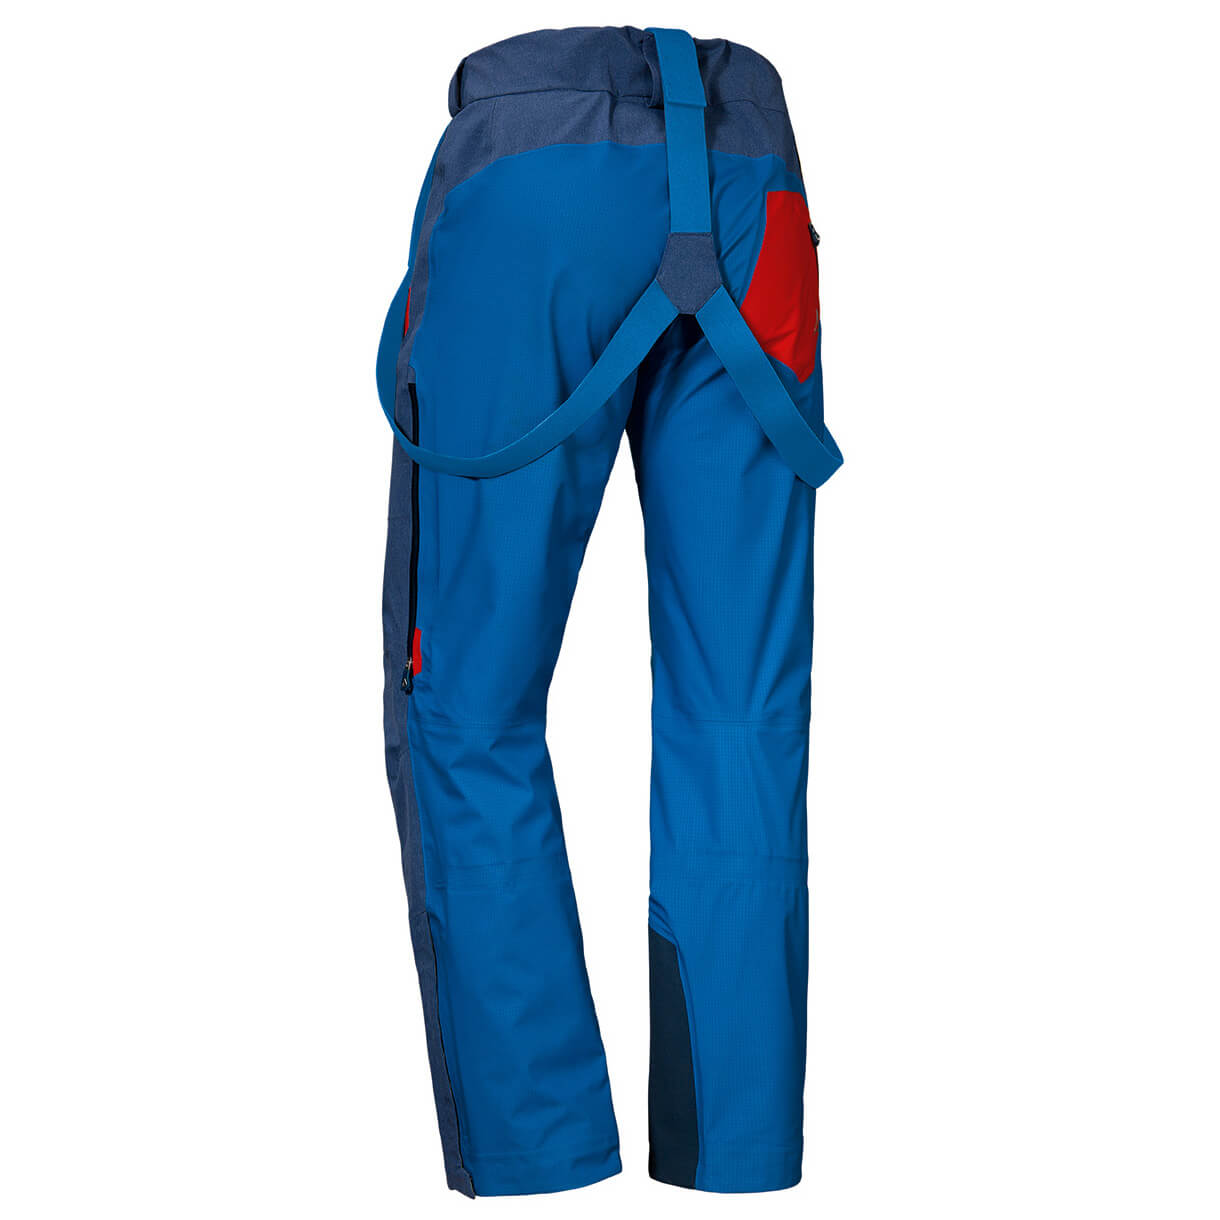 3L Pants Keylong ski Schöffel de Pantalon wSqn54